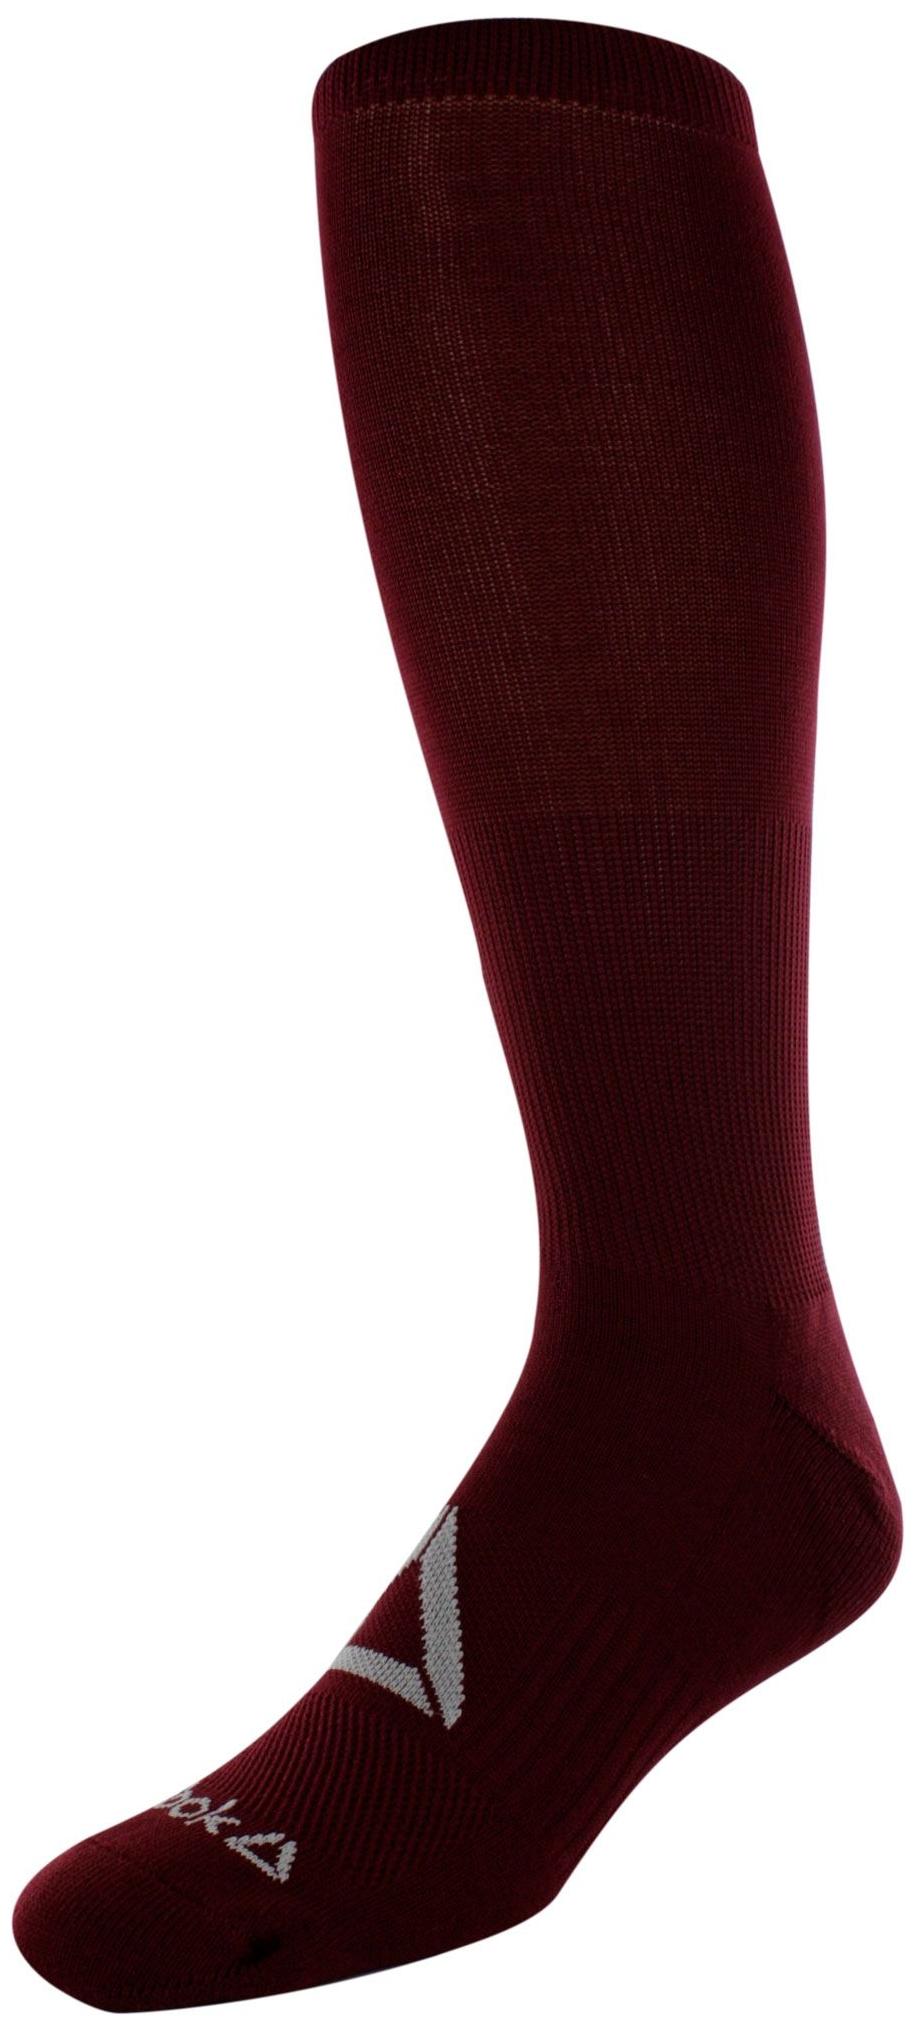 REEBOK 6 Pack Toddler//Little Boys/' Socks Low Cut Shoe Size 4-8 NEW SOCKS